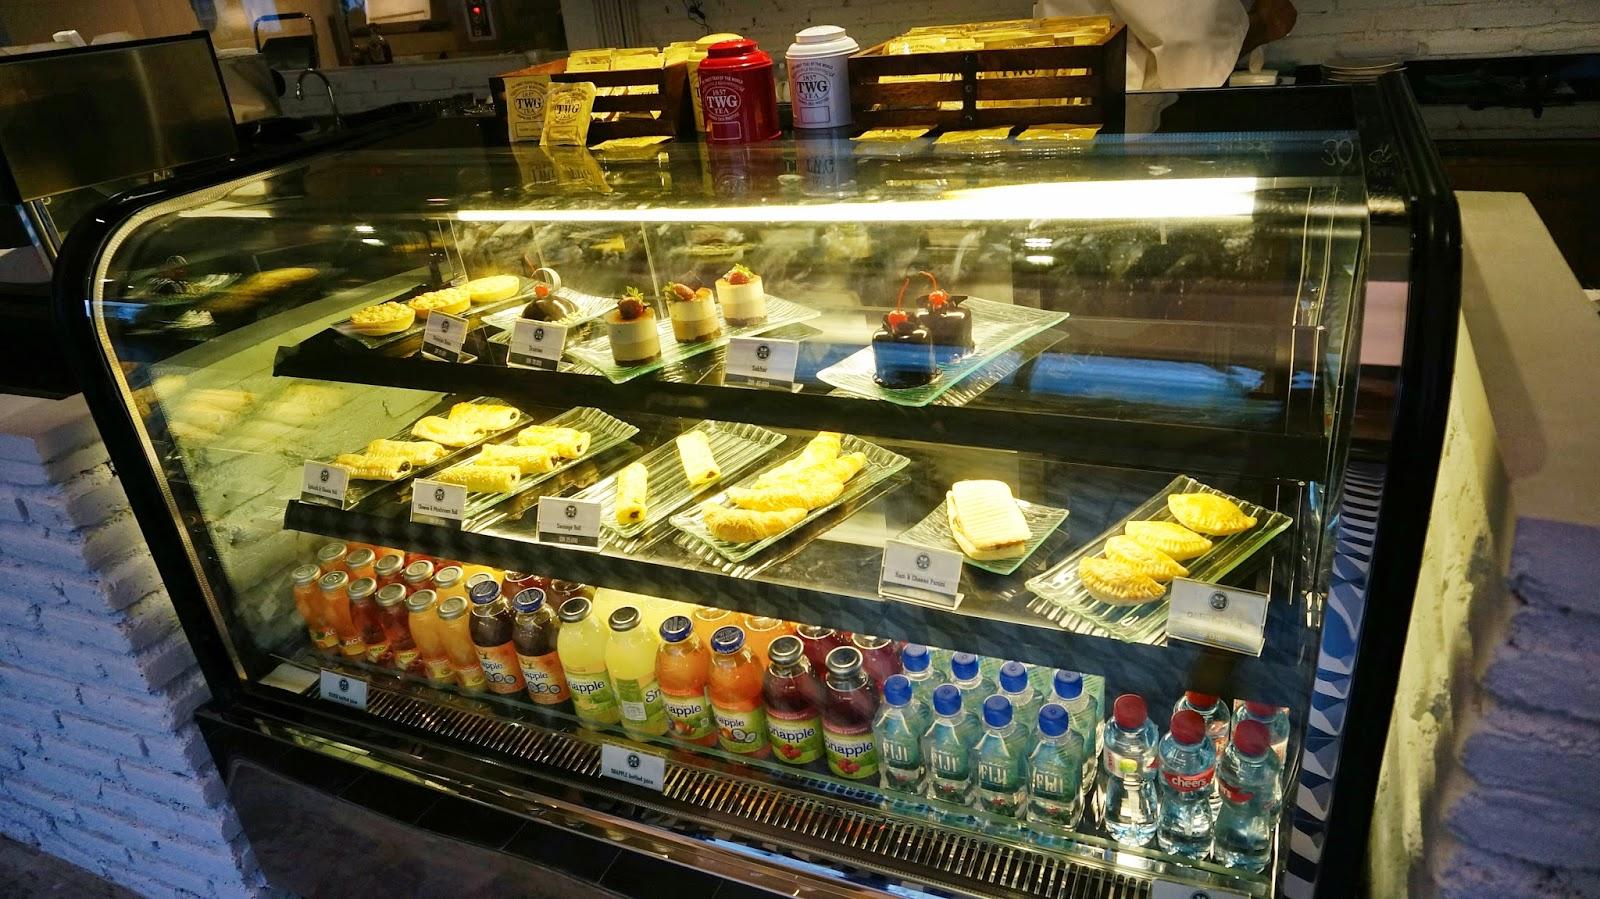 Historica Coffee & Pastry Cakes